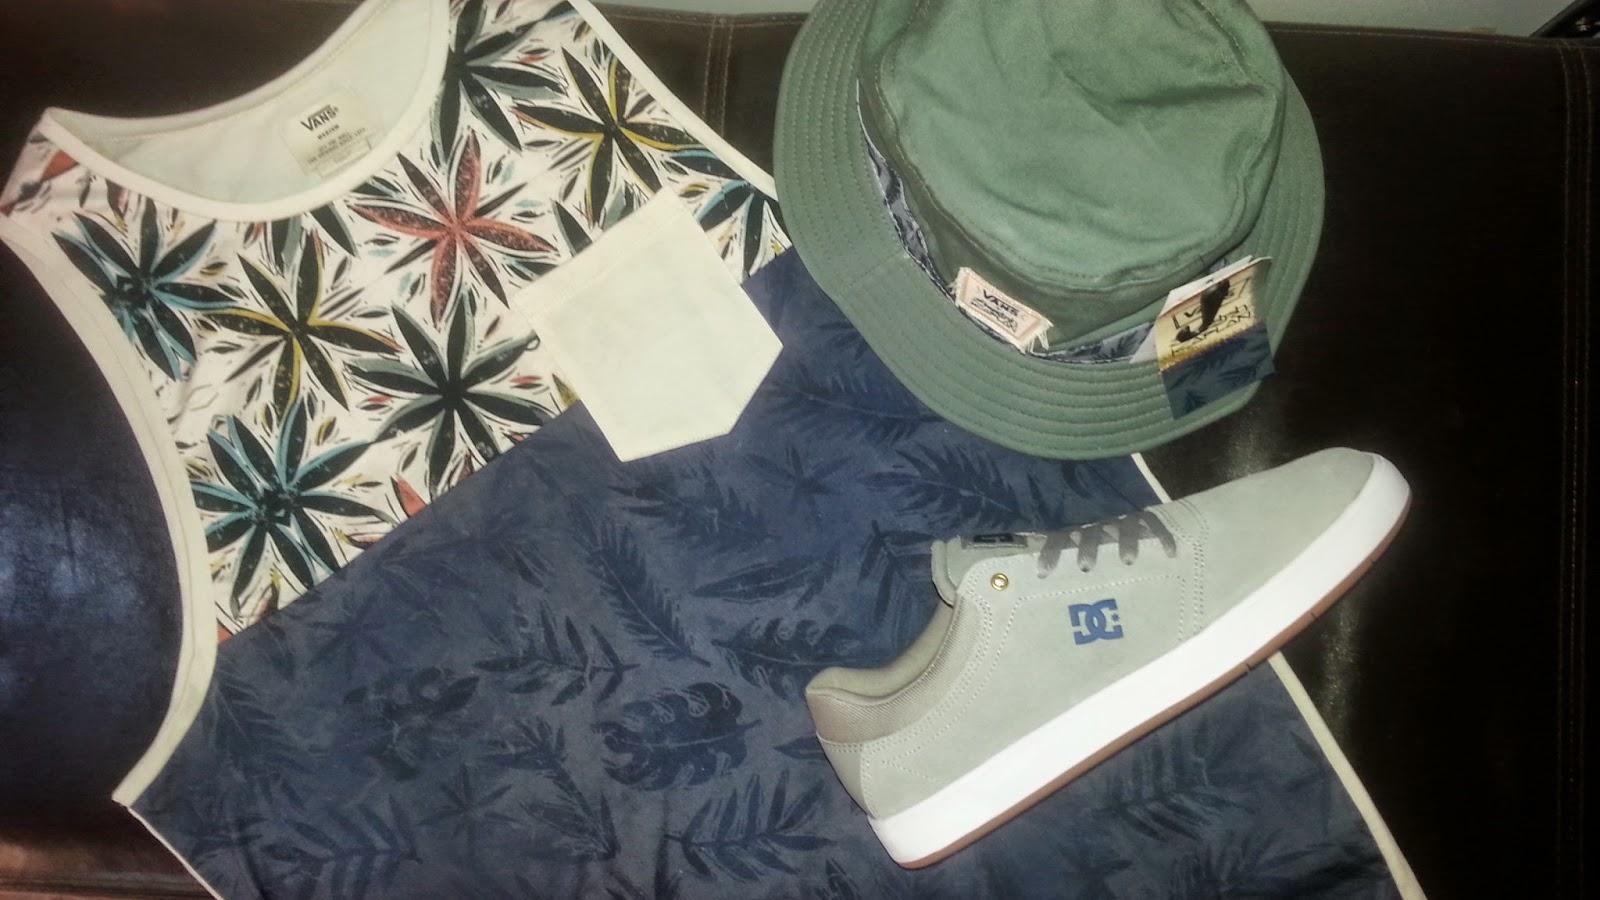 comprar zapatillas skate en la tienda online Decathlon - imagenes de zapatillas skate